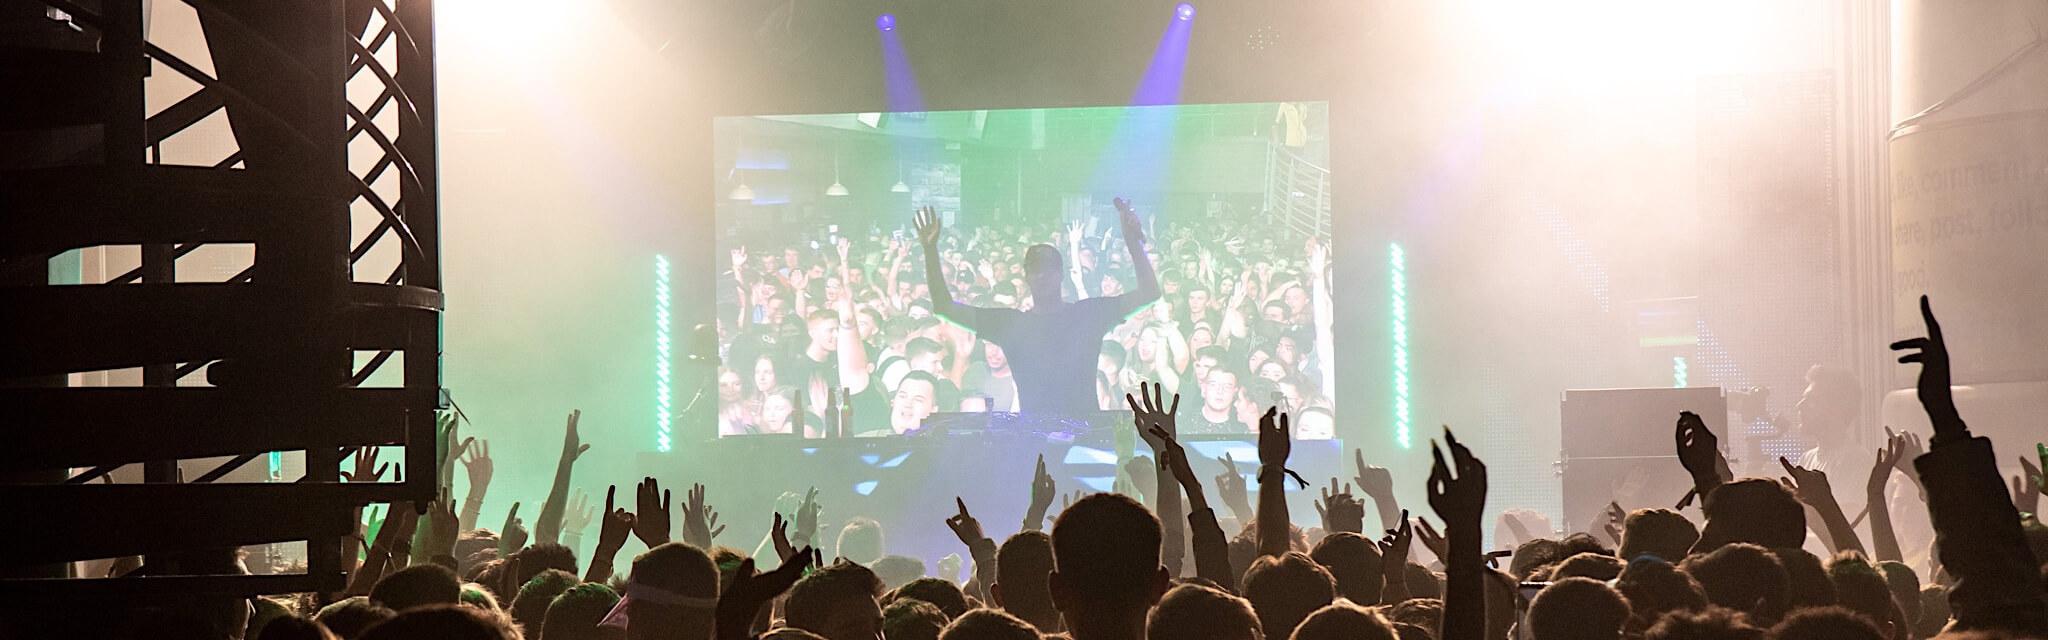 Basshunter performing at Freshers' Finalé